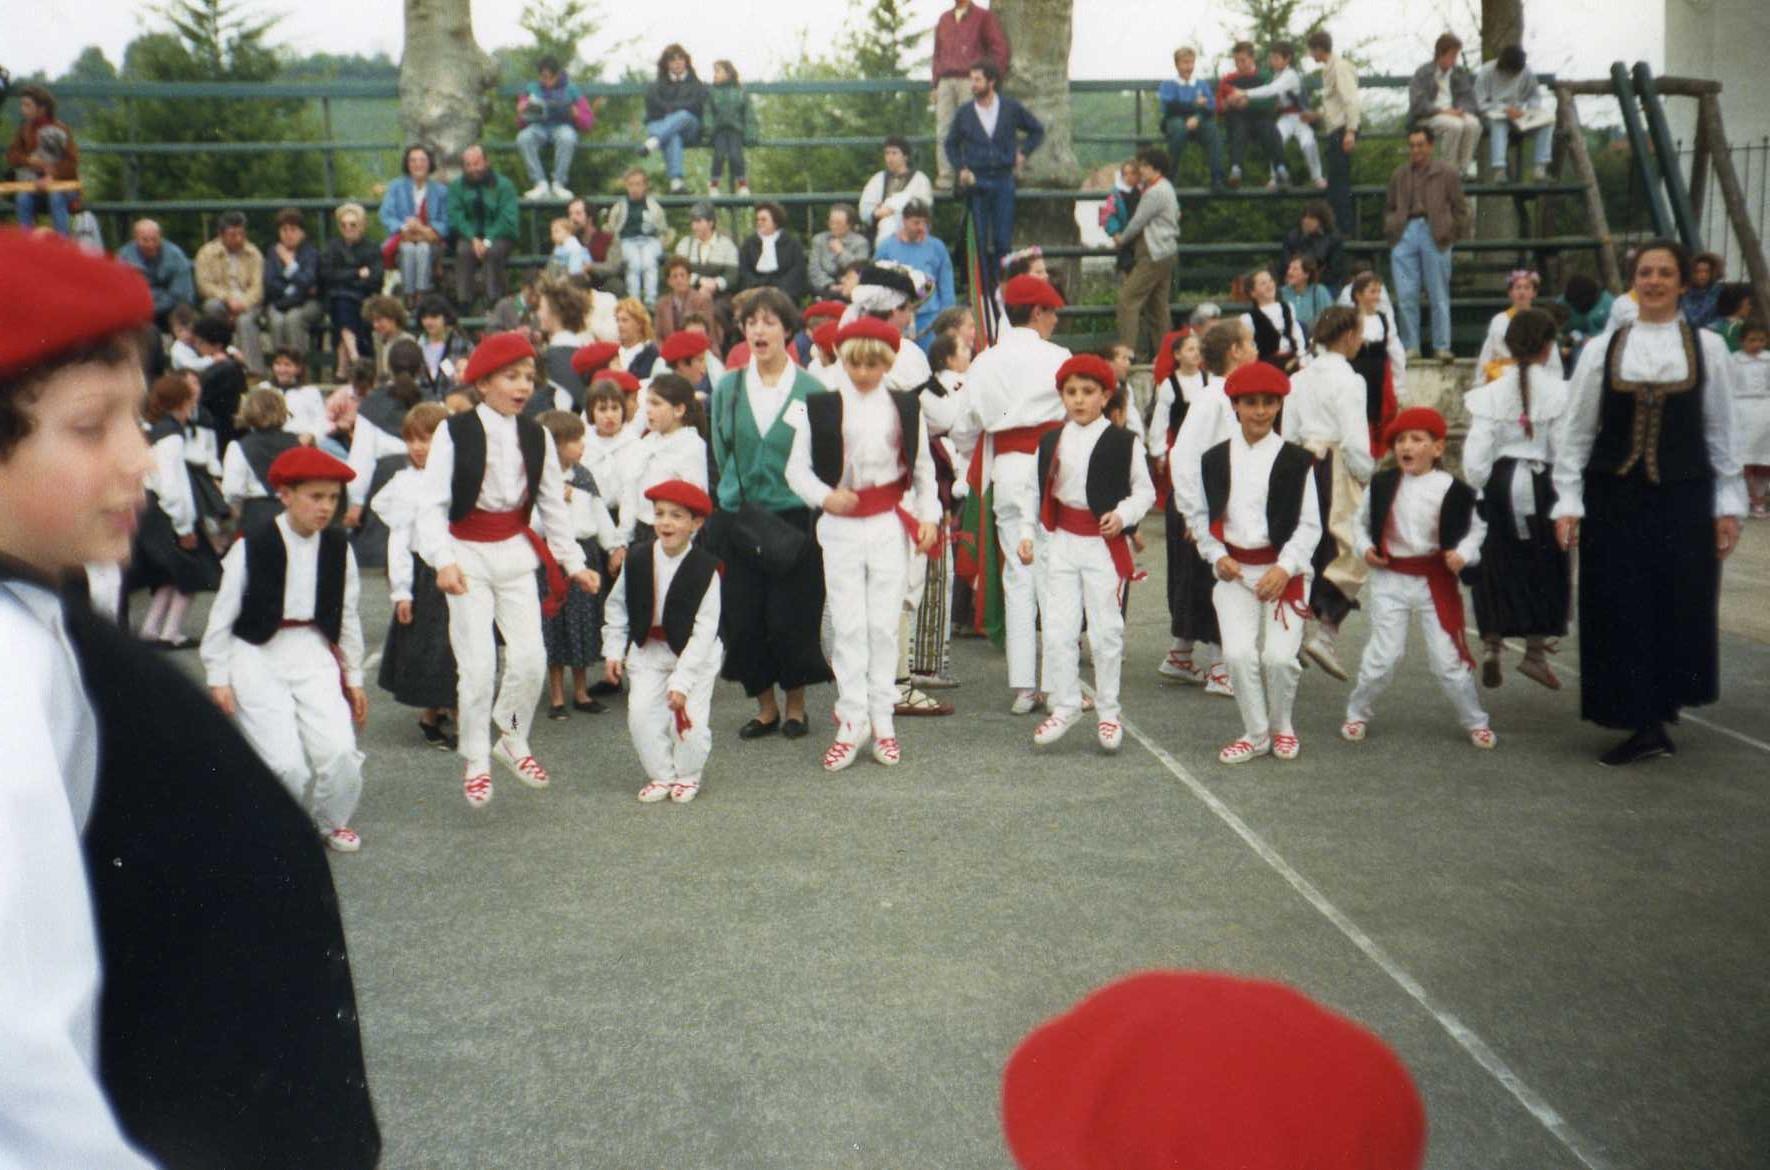 zirikolatz1.jpg